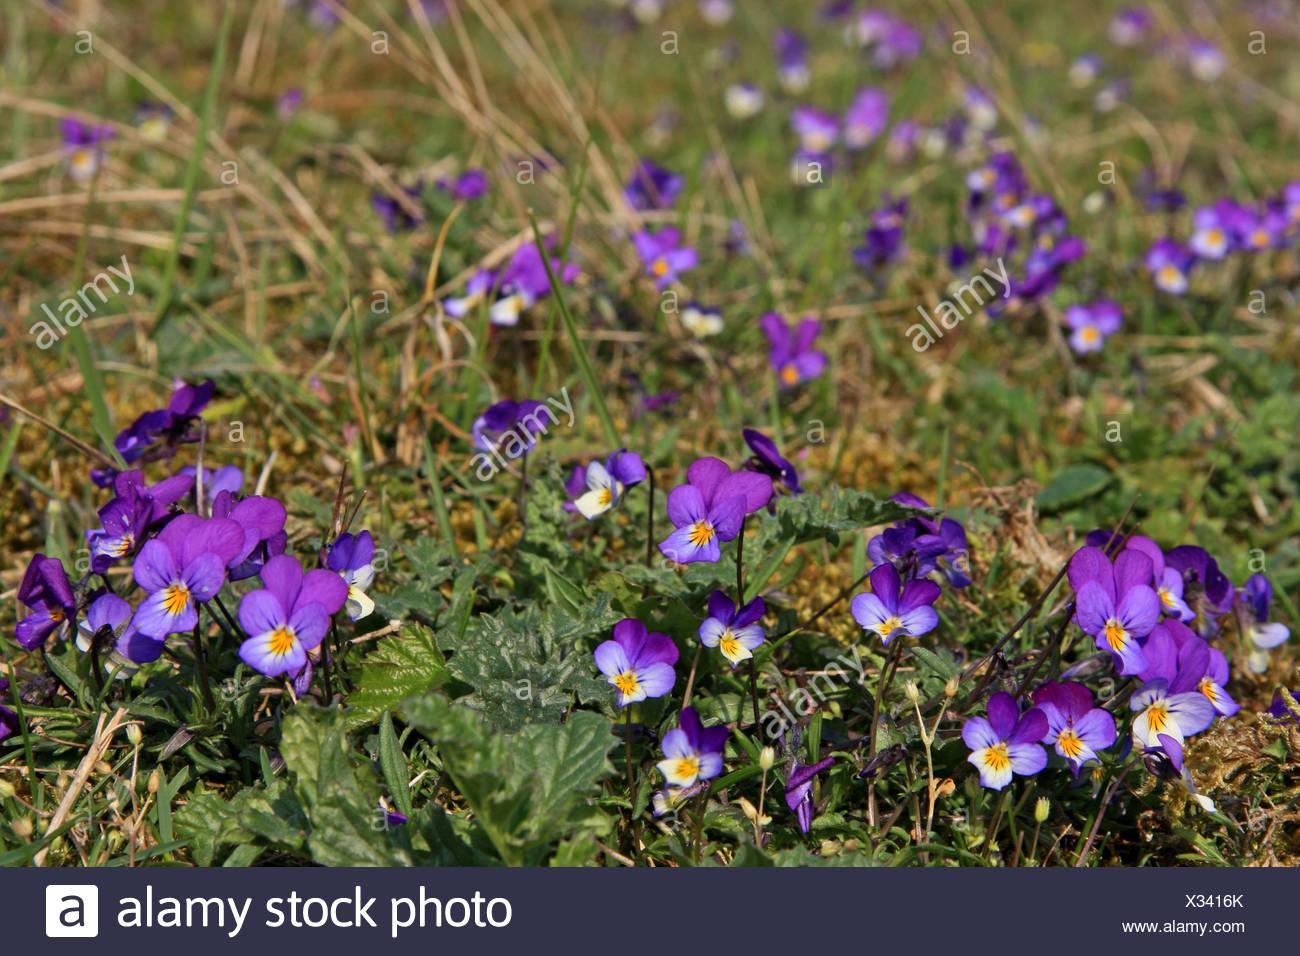 groep bloeiende exemplaren in duingrasland Stock Photo